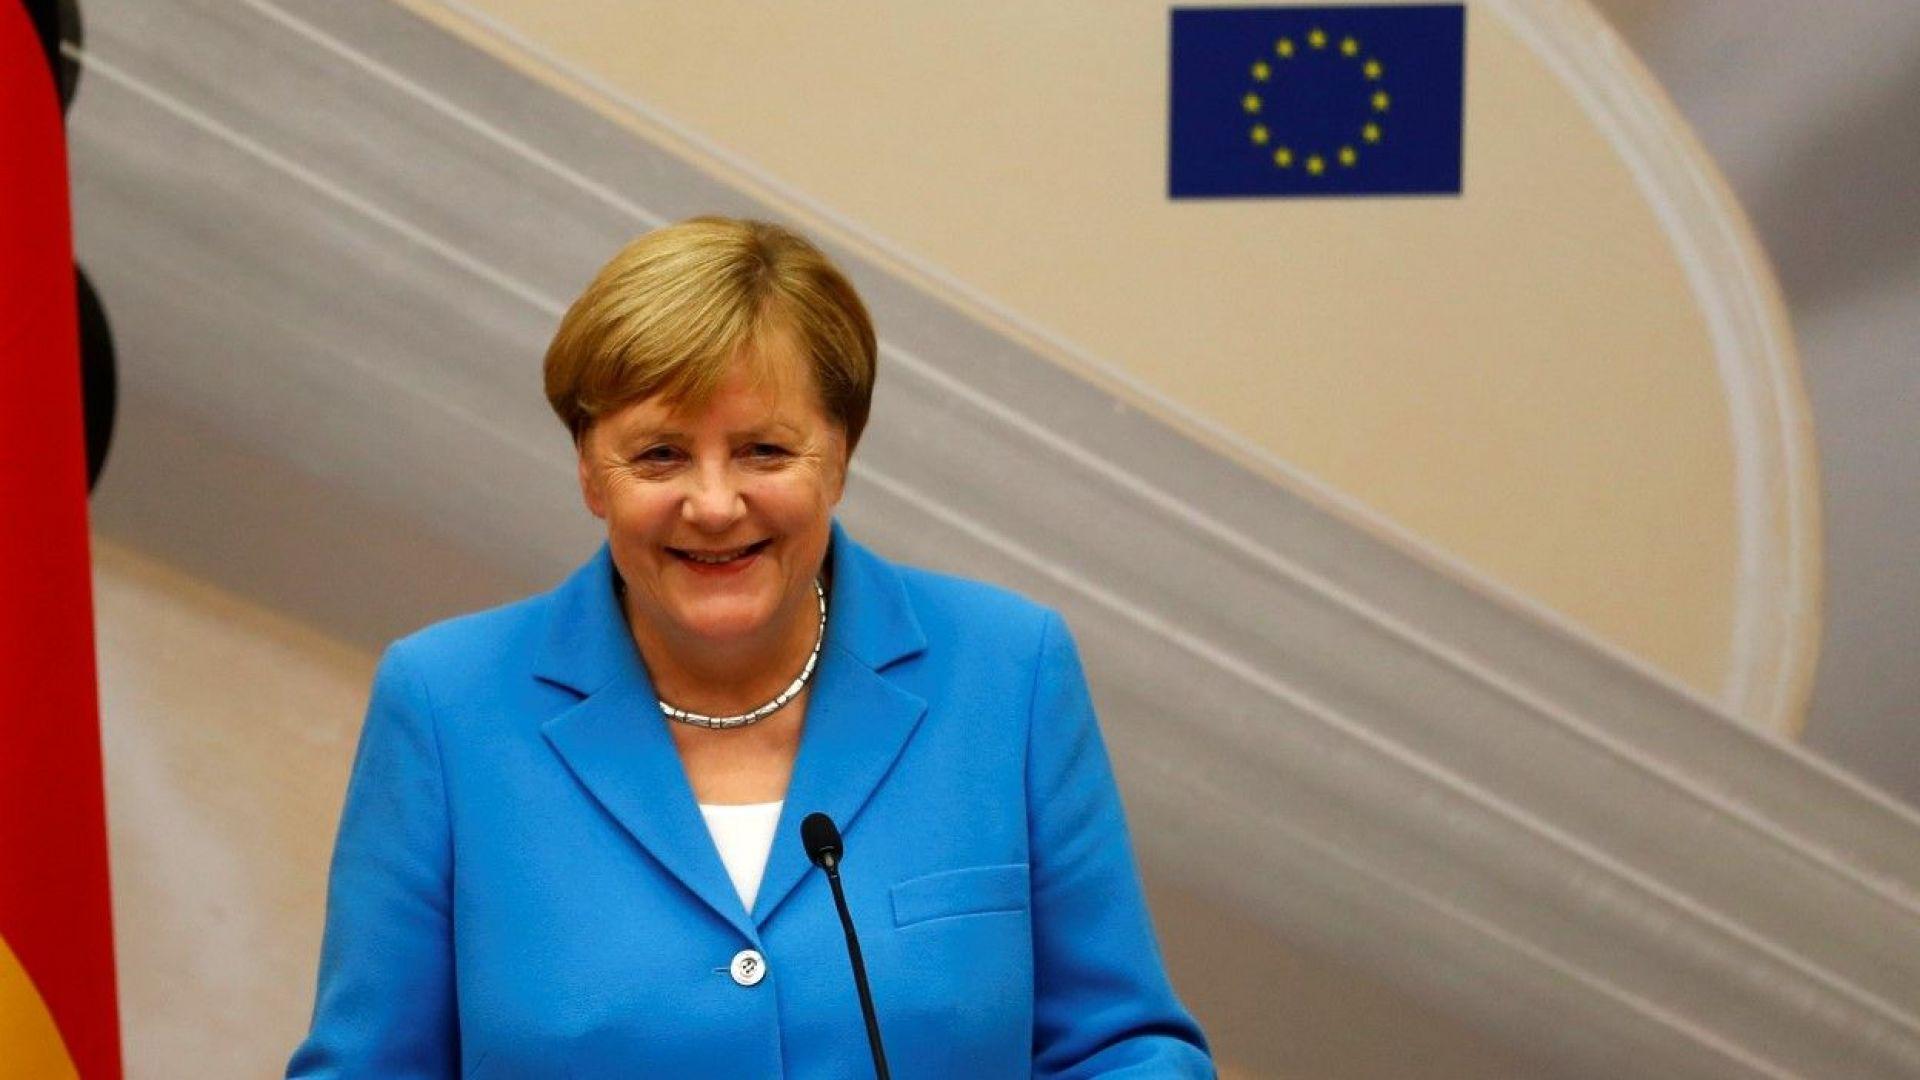 Европейският съюз би трябвало да оформи бъдещи миграционни споразумения със